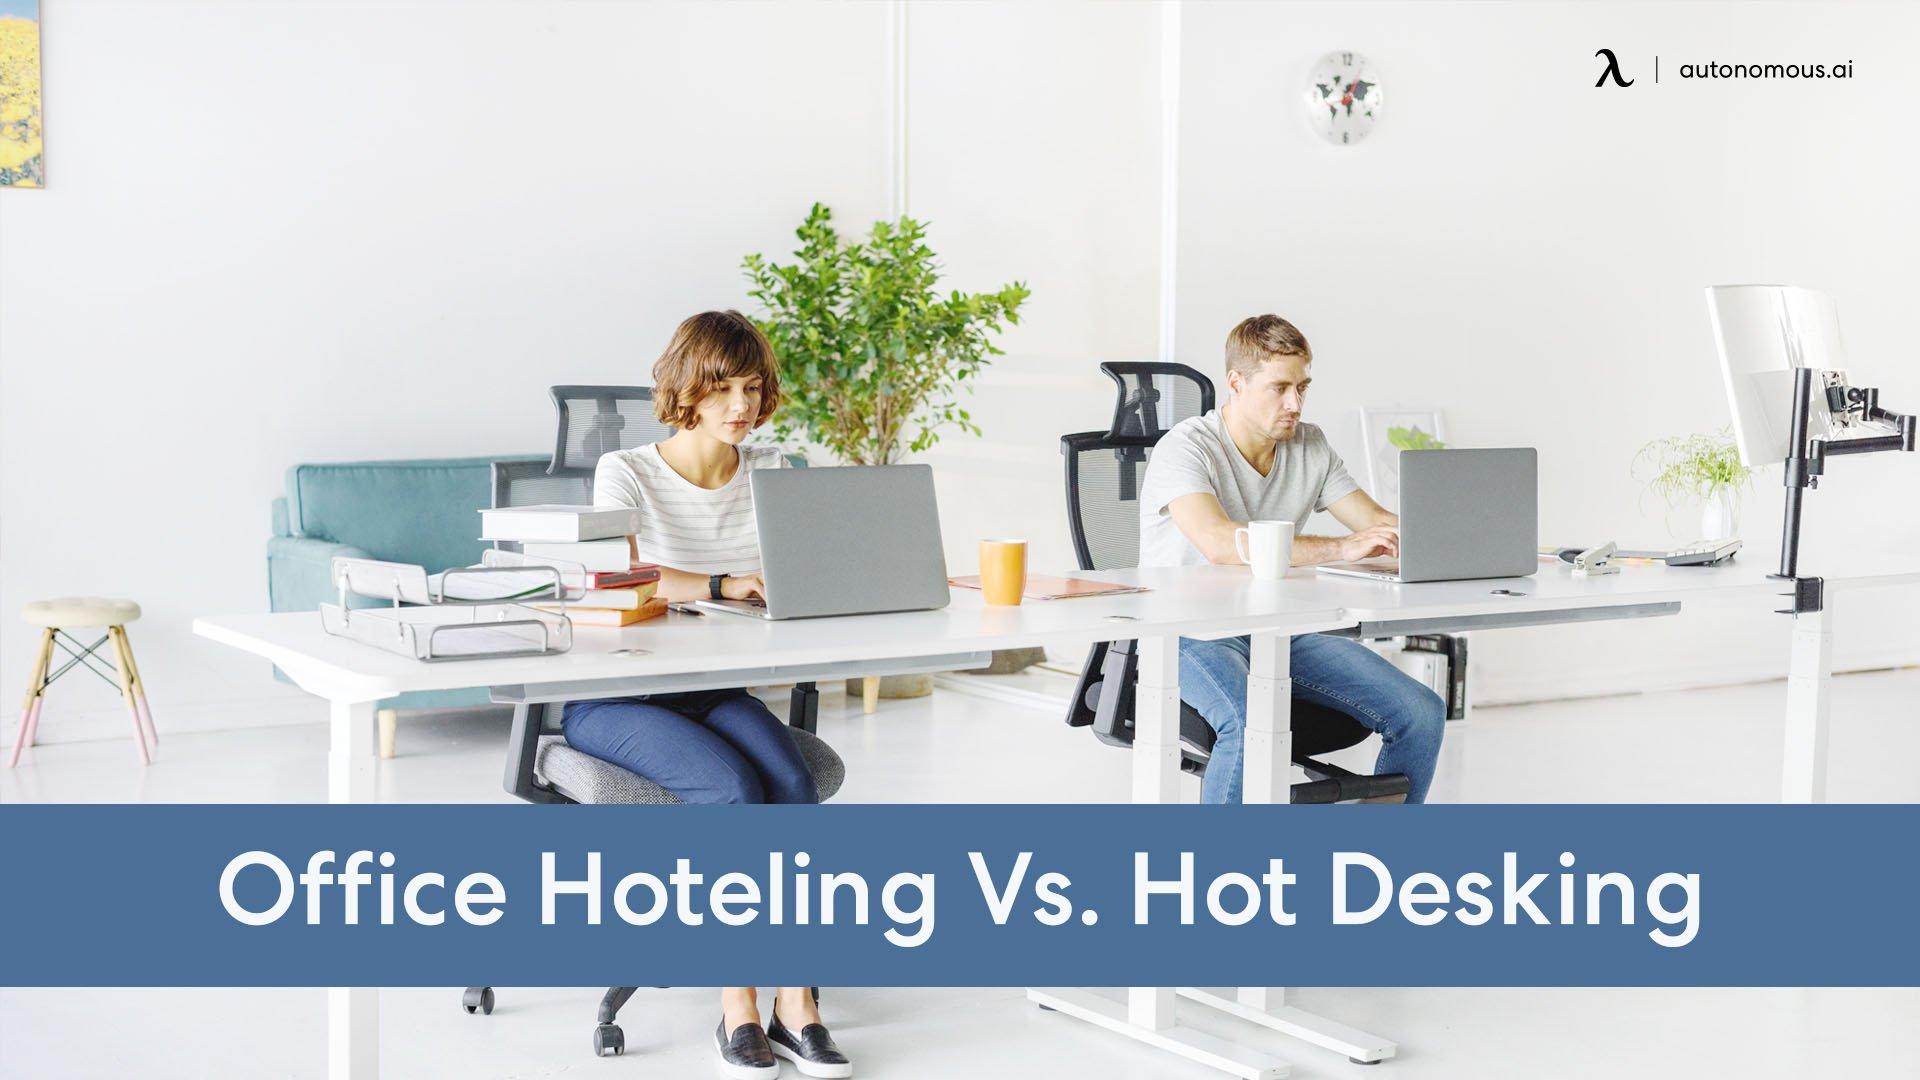 Office Hoteling Vs Hot Desking